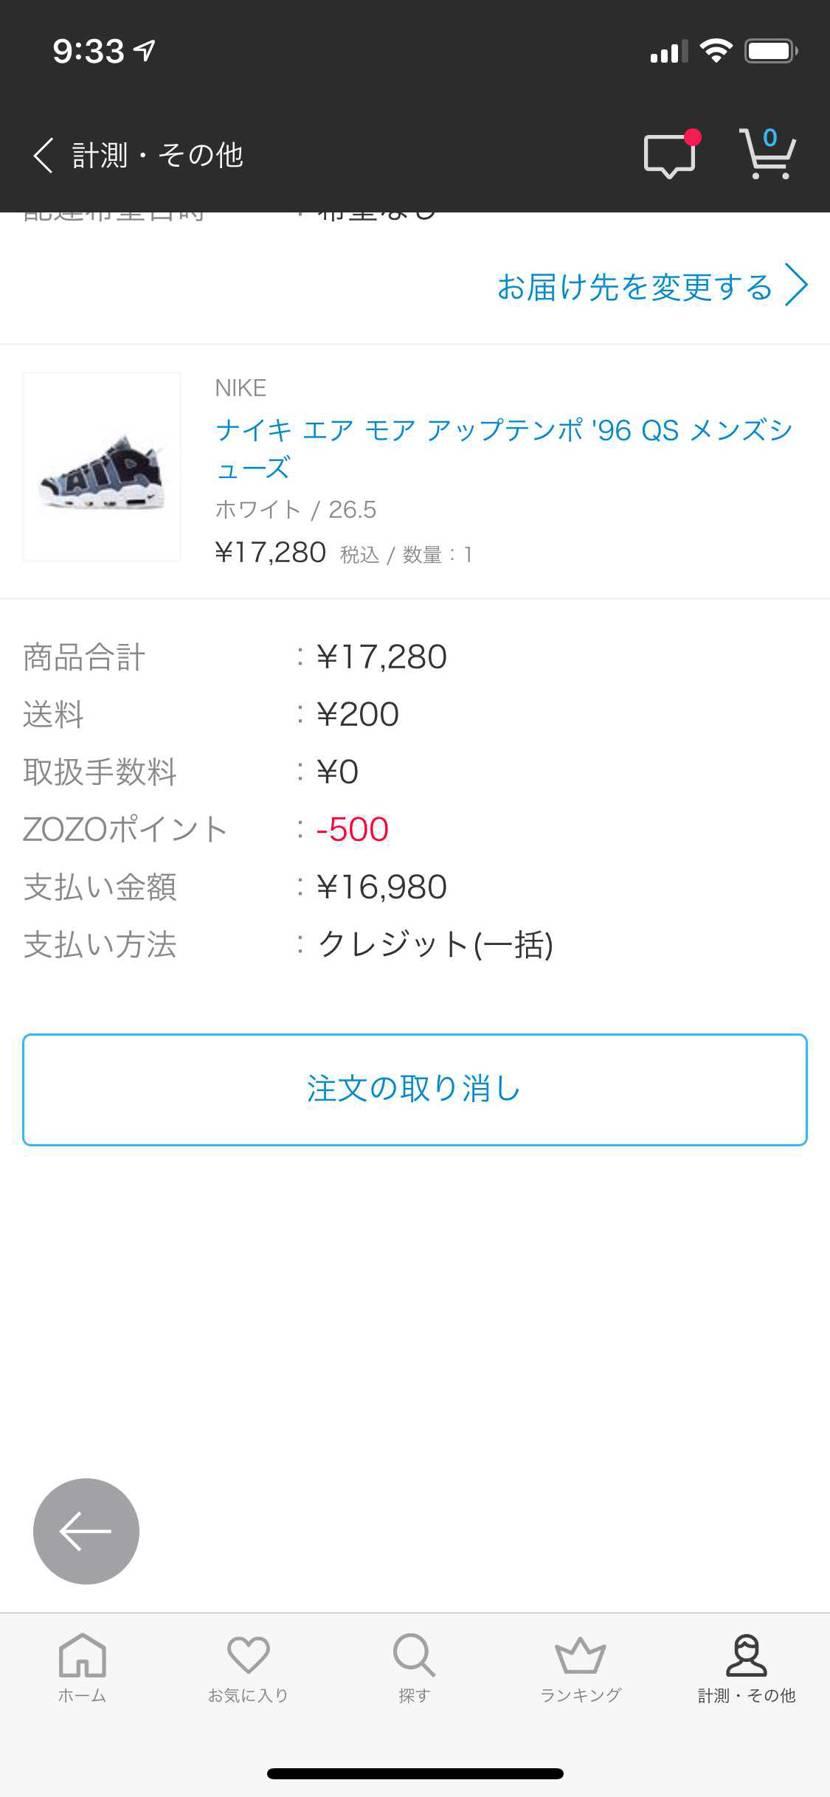 初めてzozoで買ったけど ちゃんと買えてるんかな?笑 心配www